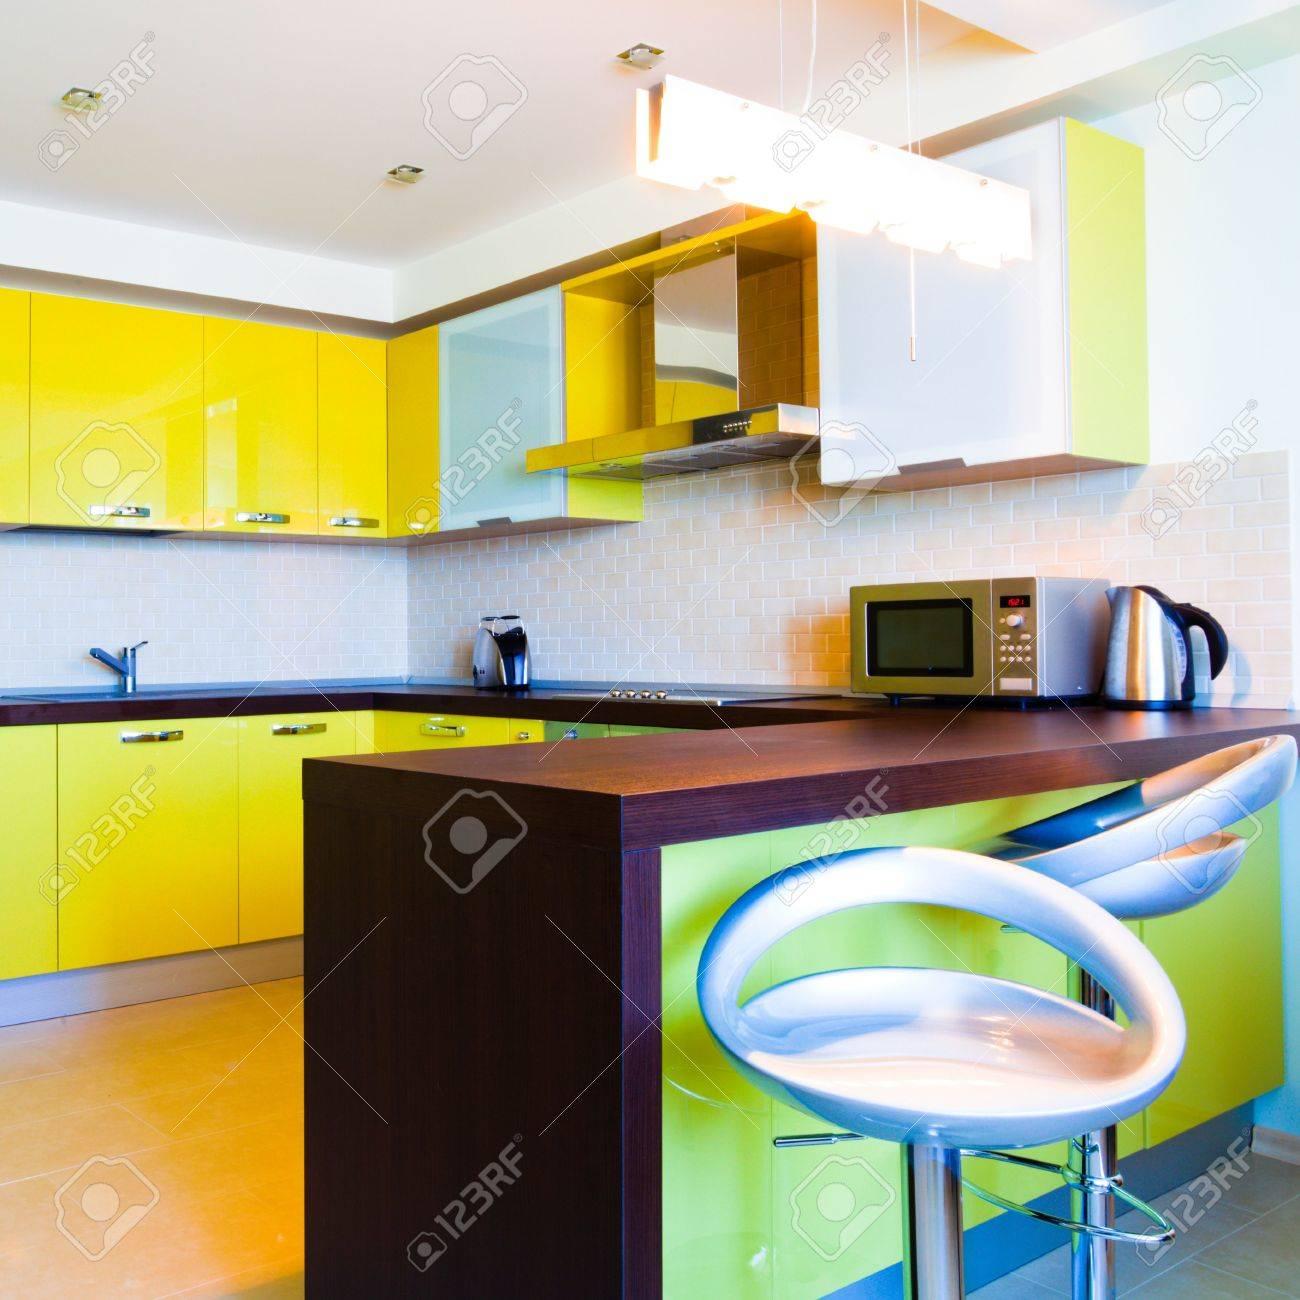 Cuisine Moderne Jaune jaune d'intérieur avec des chaises de cuisine moderne à plat, carré